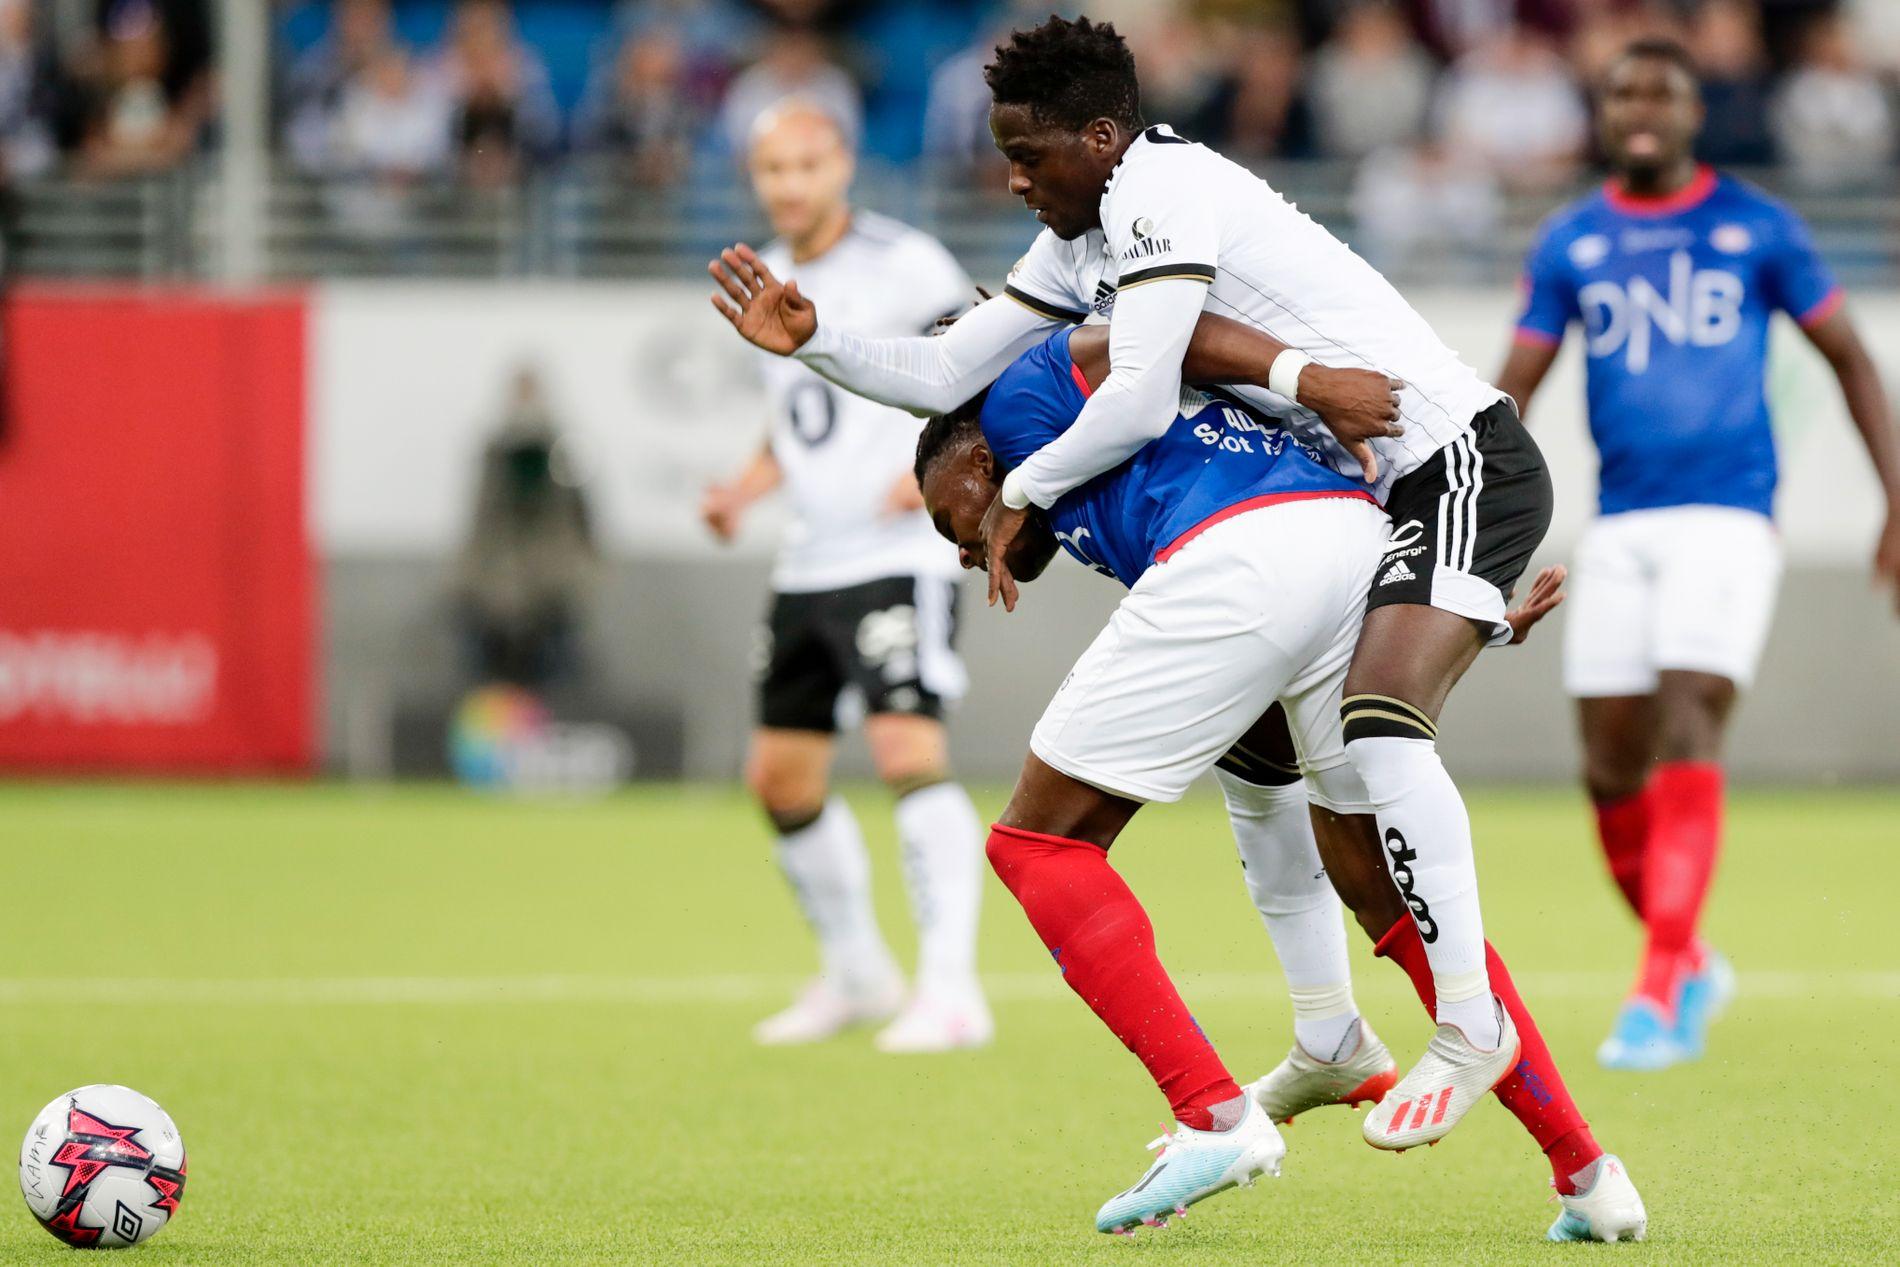 Adekugbe erkjente i et TV-intervju i pausen at han vil «knuse» Akintola etter at han fikk dette albueslaget i nakken av RBKs kantspiller. Noen minutter senere dyttet han Akintola mot stadionveggen.